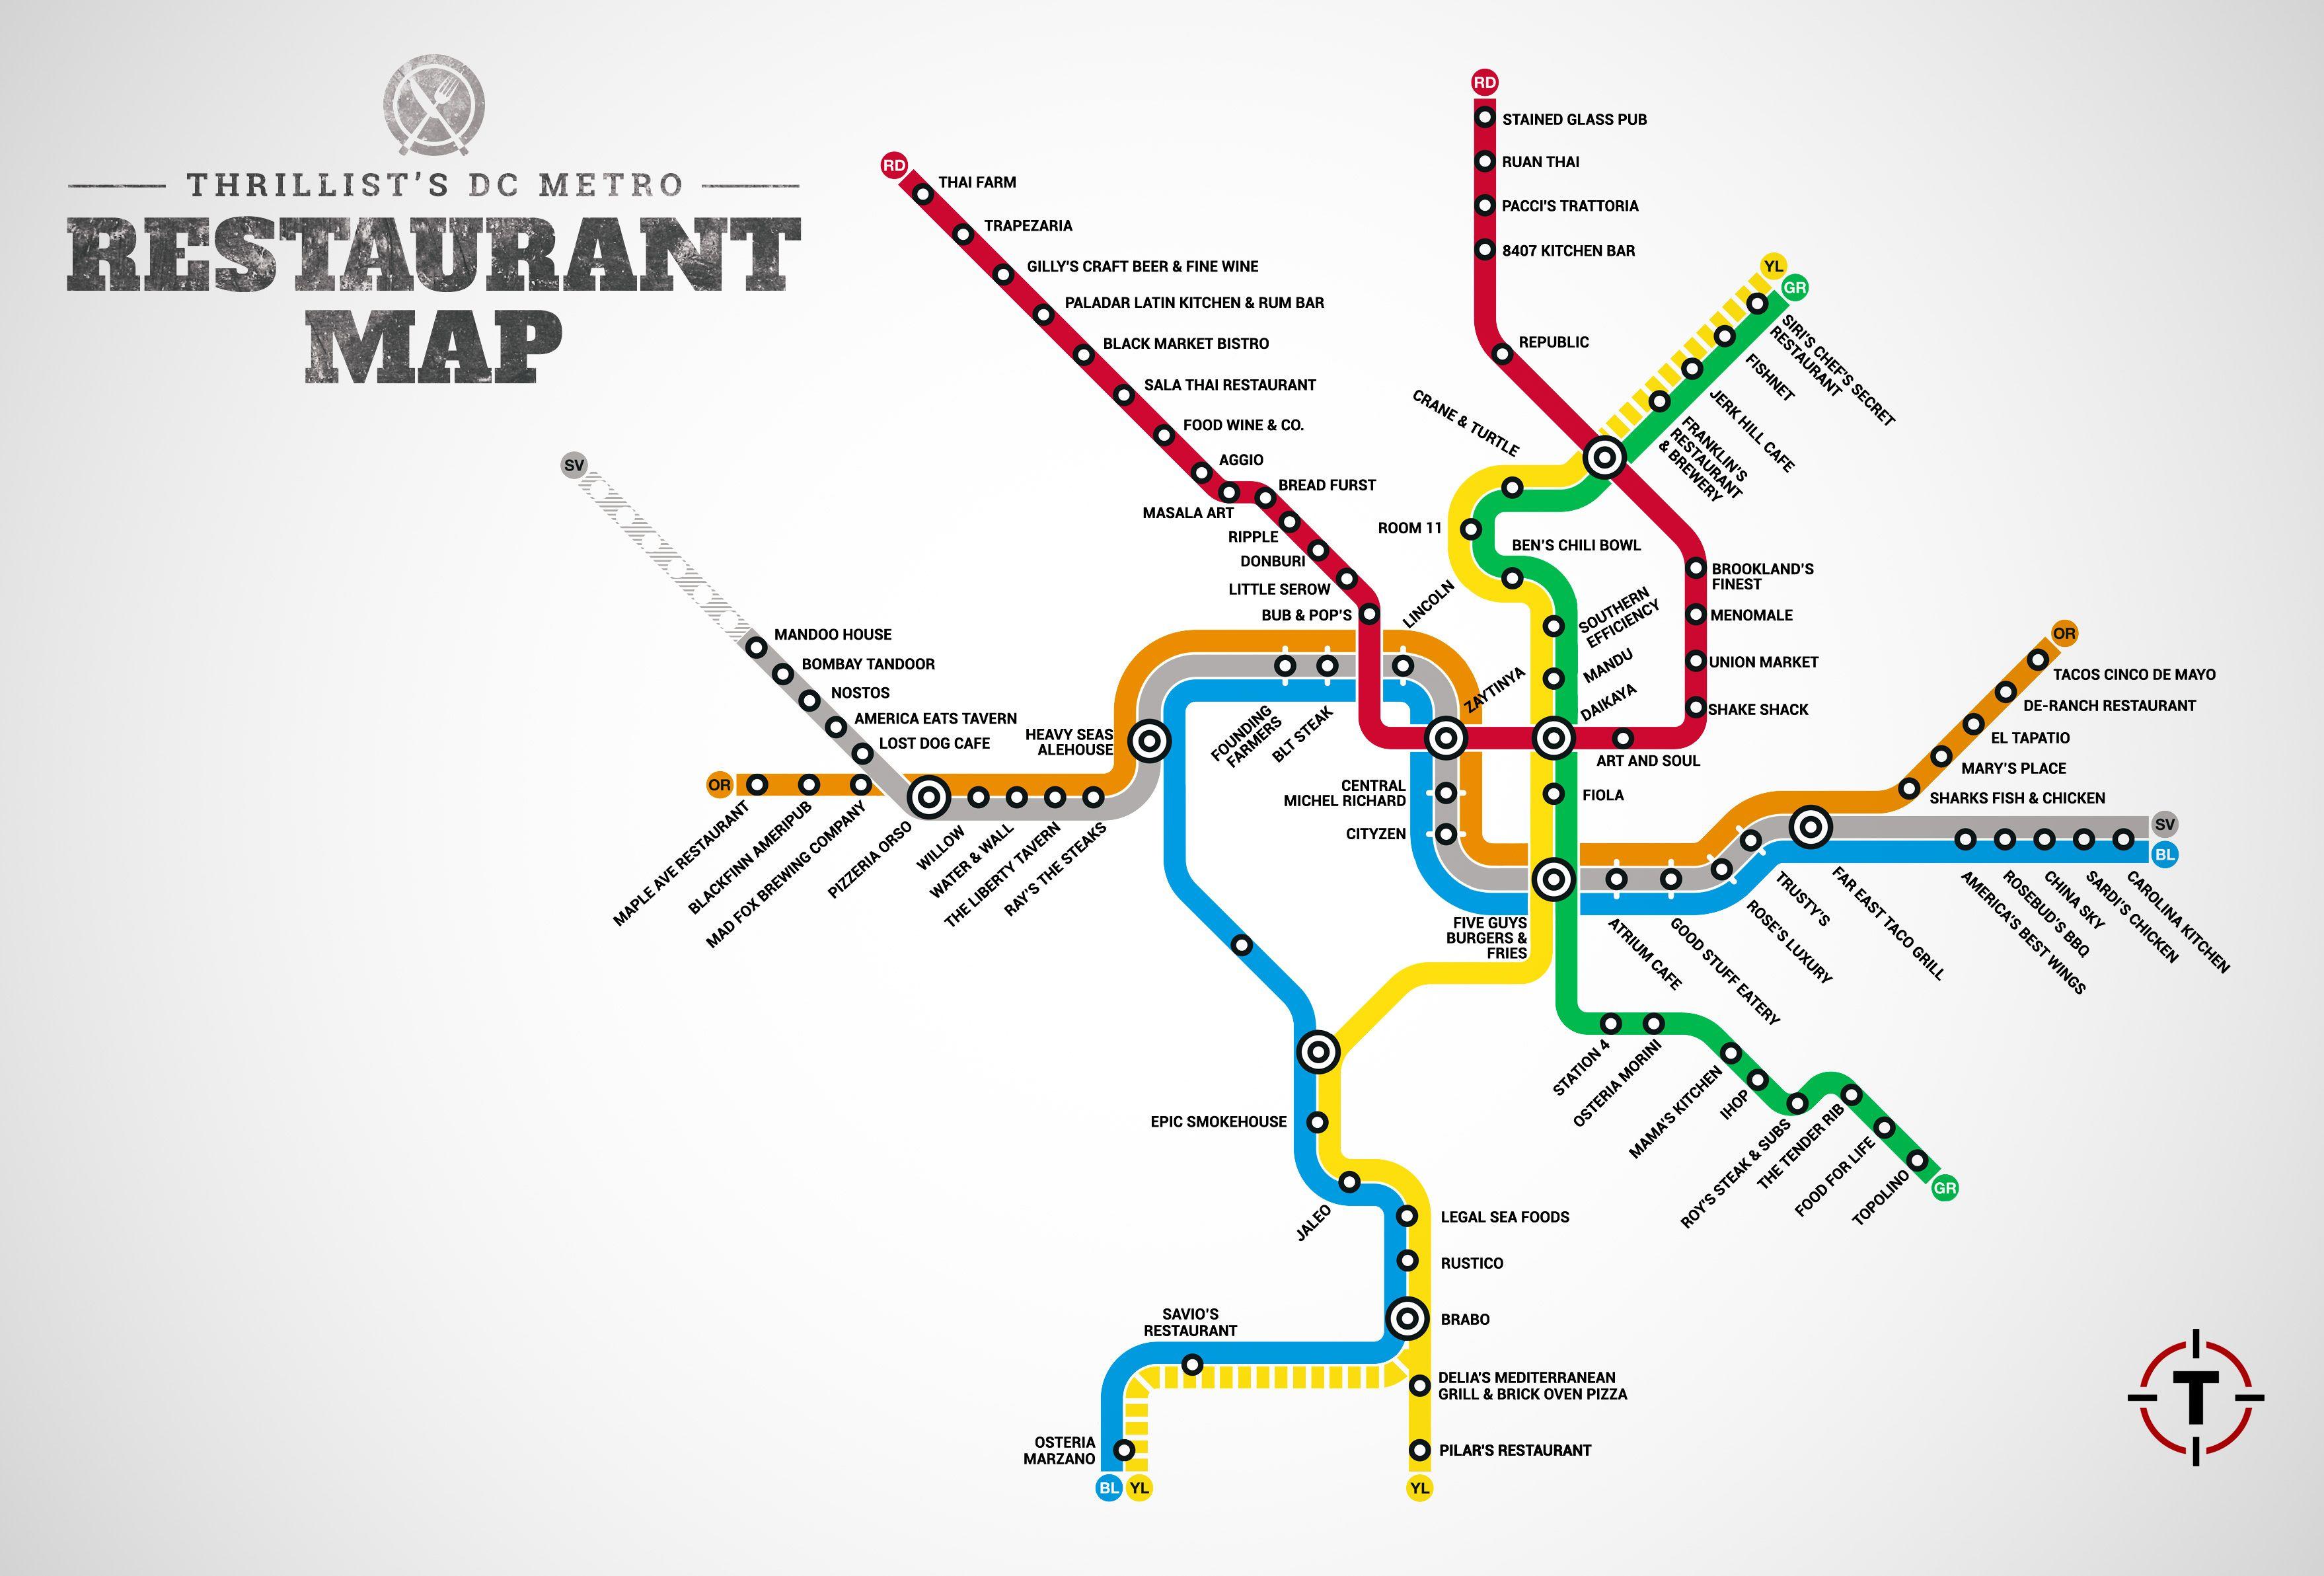 restaurants in dc metro area